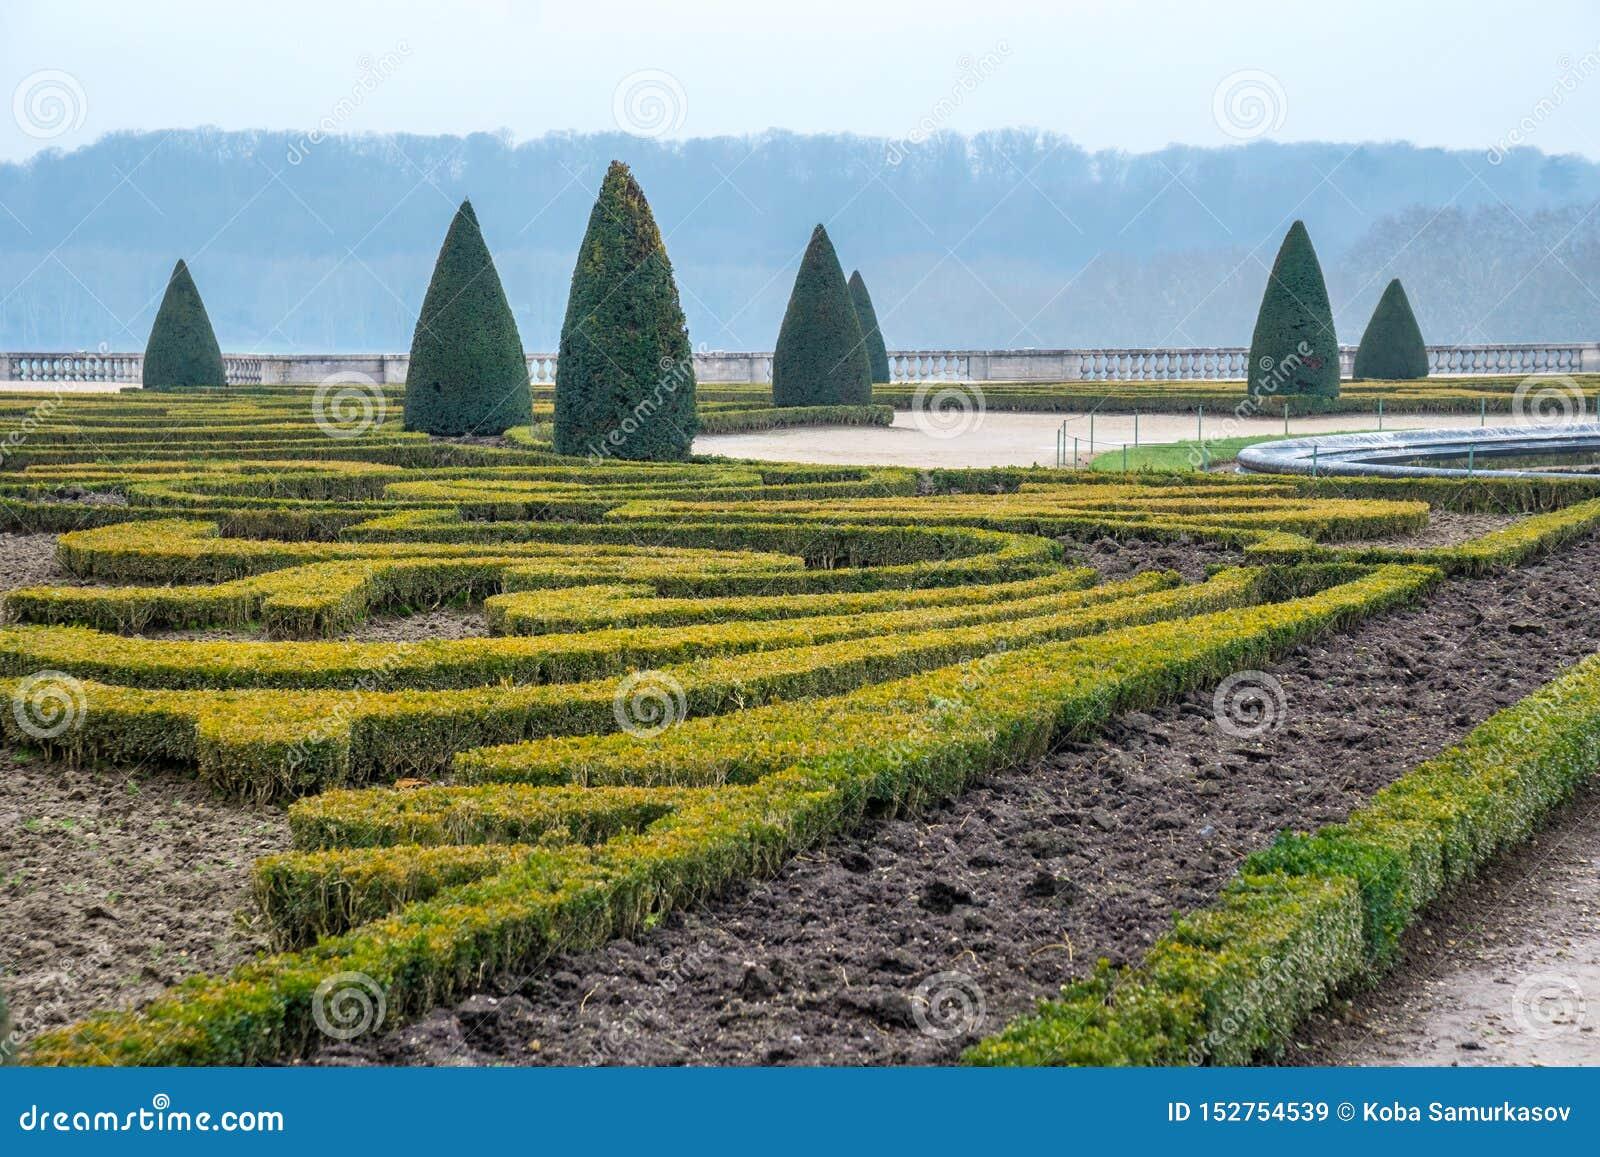 Όμορφος κήπος σε ένα διάσημο παλάτι του πύργου de Βερσαλλίες, Γαλλία των Βερσαλλιών